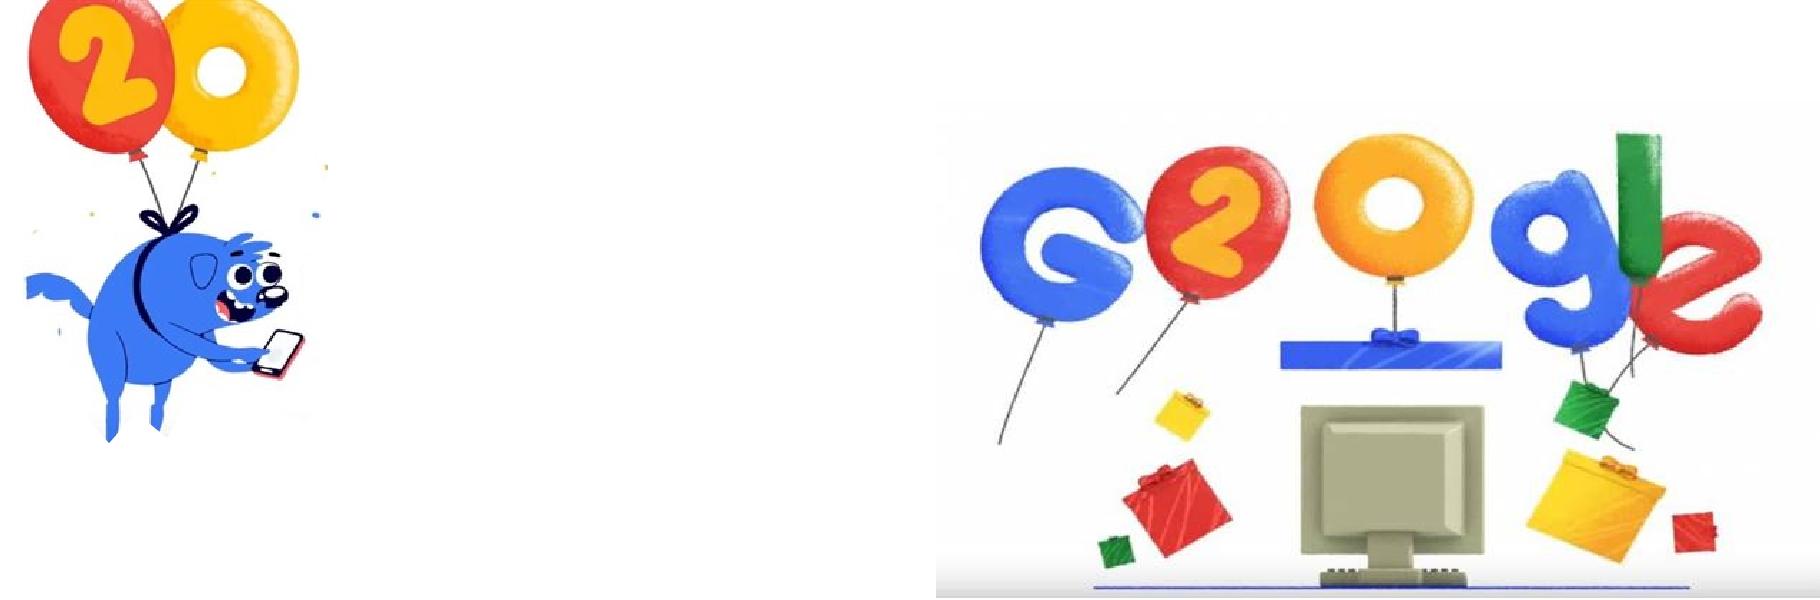 La vida es mejor con Google